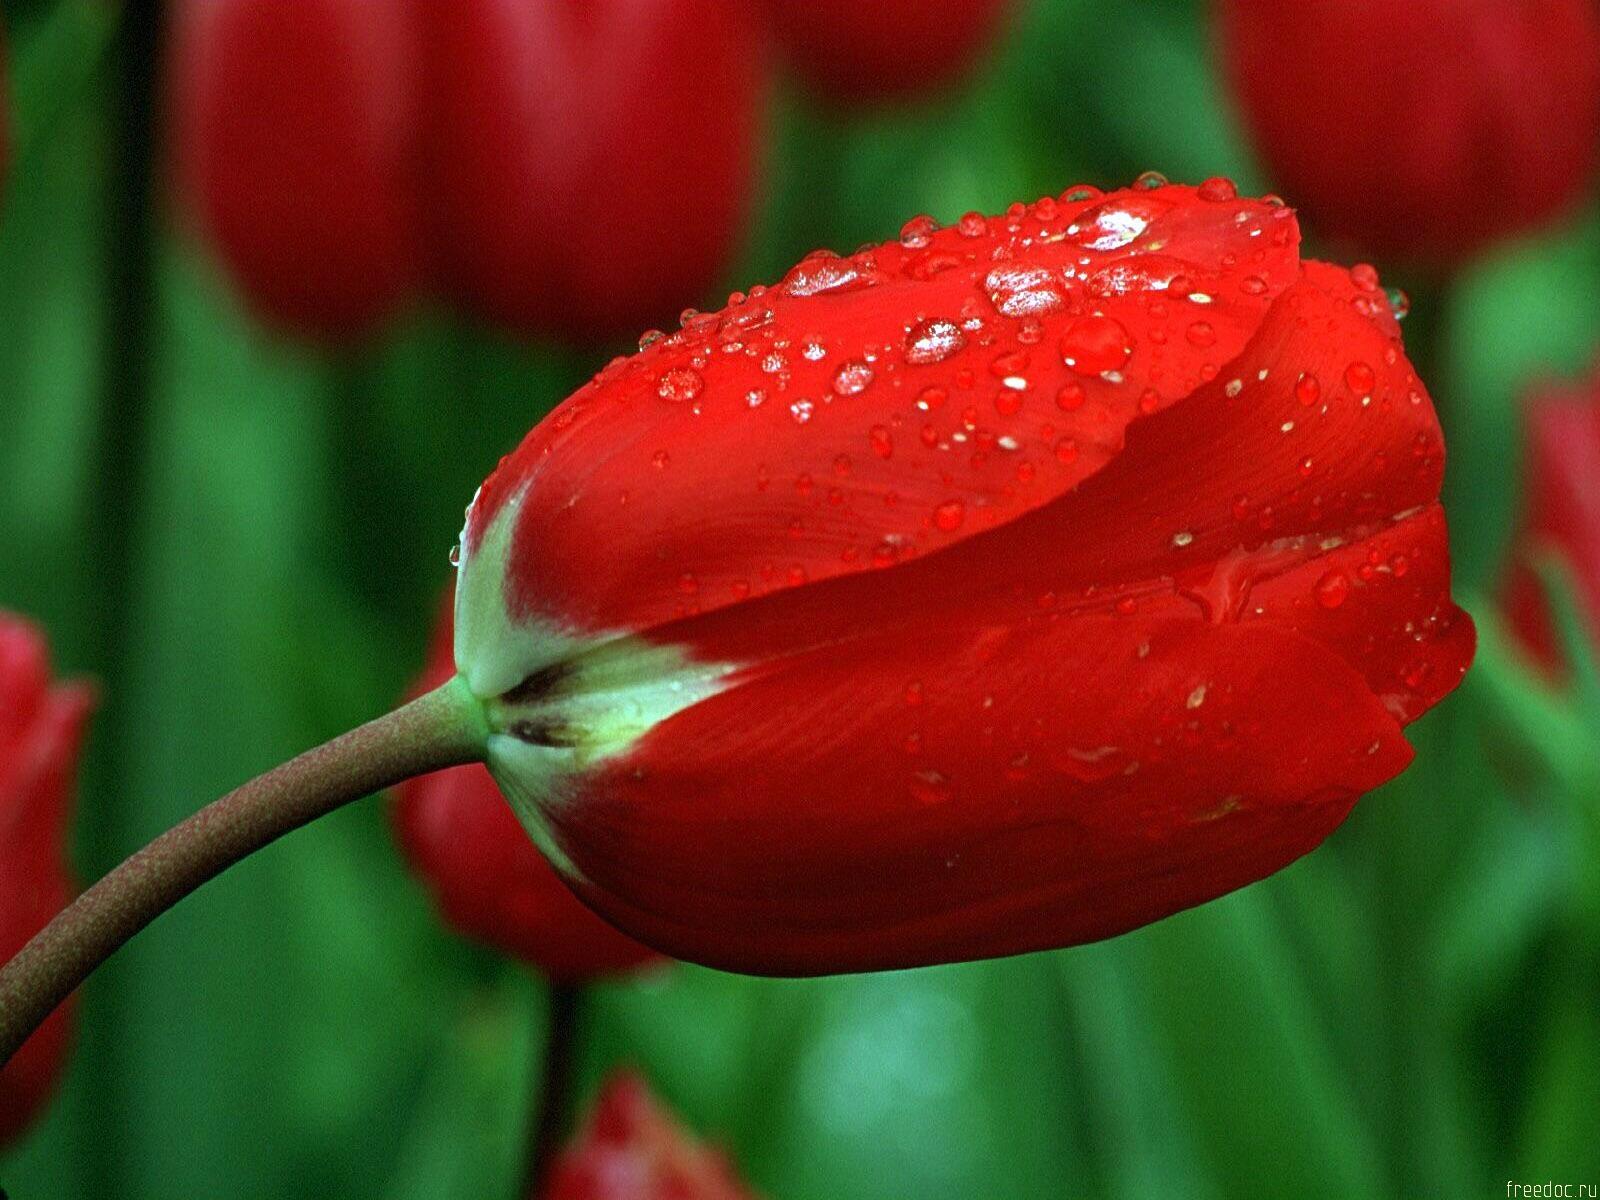 http://1.bp.blogspot.com/-YR_imqS9fC4/TnD4F0wl3NI/AAAAAAAAB2U/ZpAN4VV8_HU/s1600/red-roses-wall3picimg.jpg